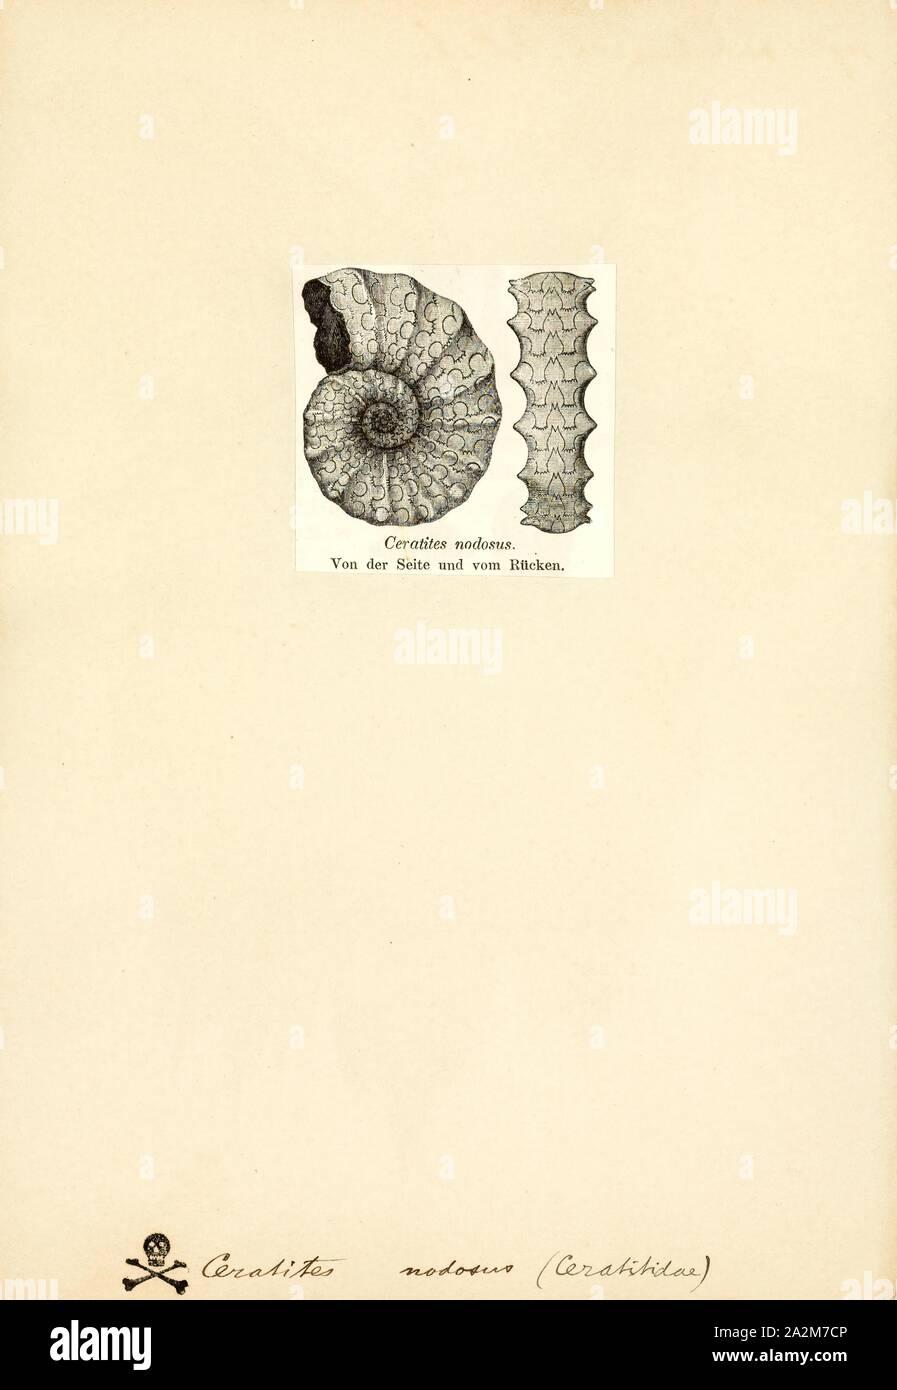 Ceratites nodosus, Imprimir Ceratites es un género extinto de ammonites de cefalópodos. Estos carnívoros nektonic vivió en los hábitats marinos en lo que ahora es Europa, Asia y América del Norte, durante el Triásico, desde Anisian Ladinian a la edad Foto de stock